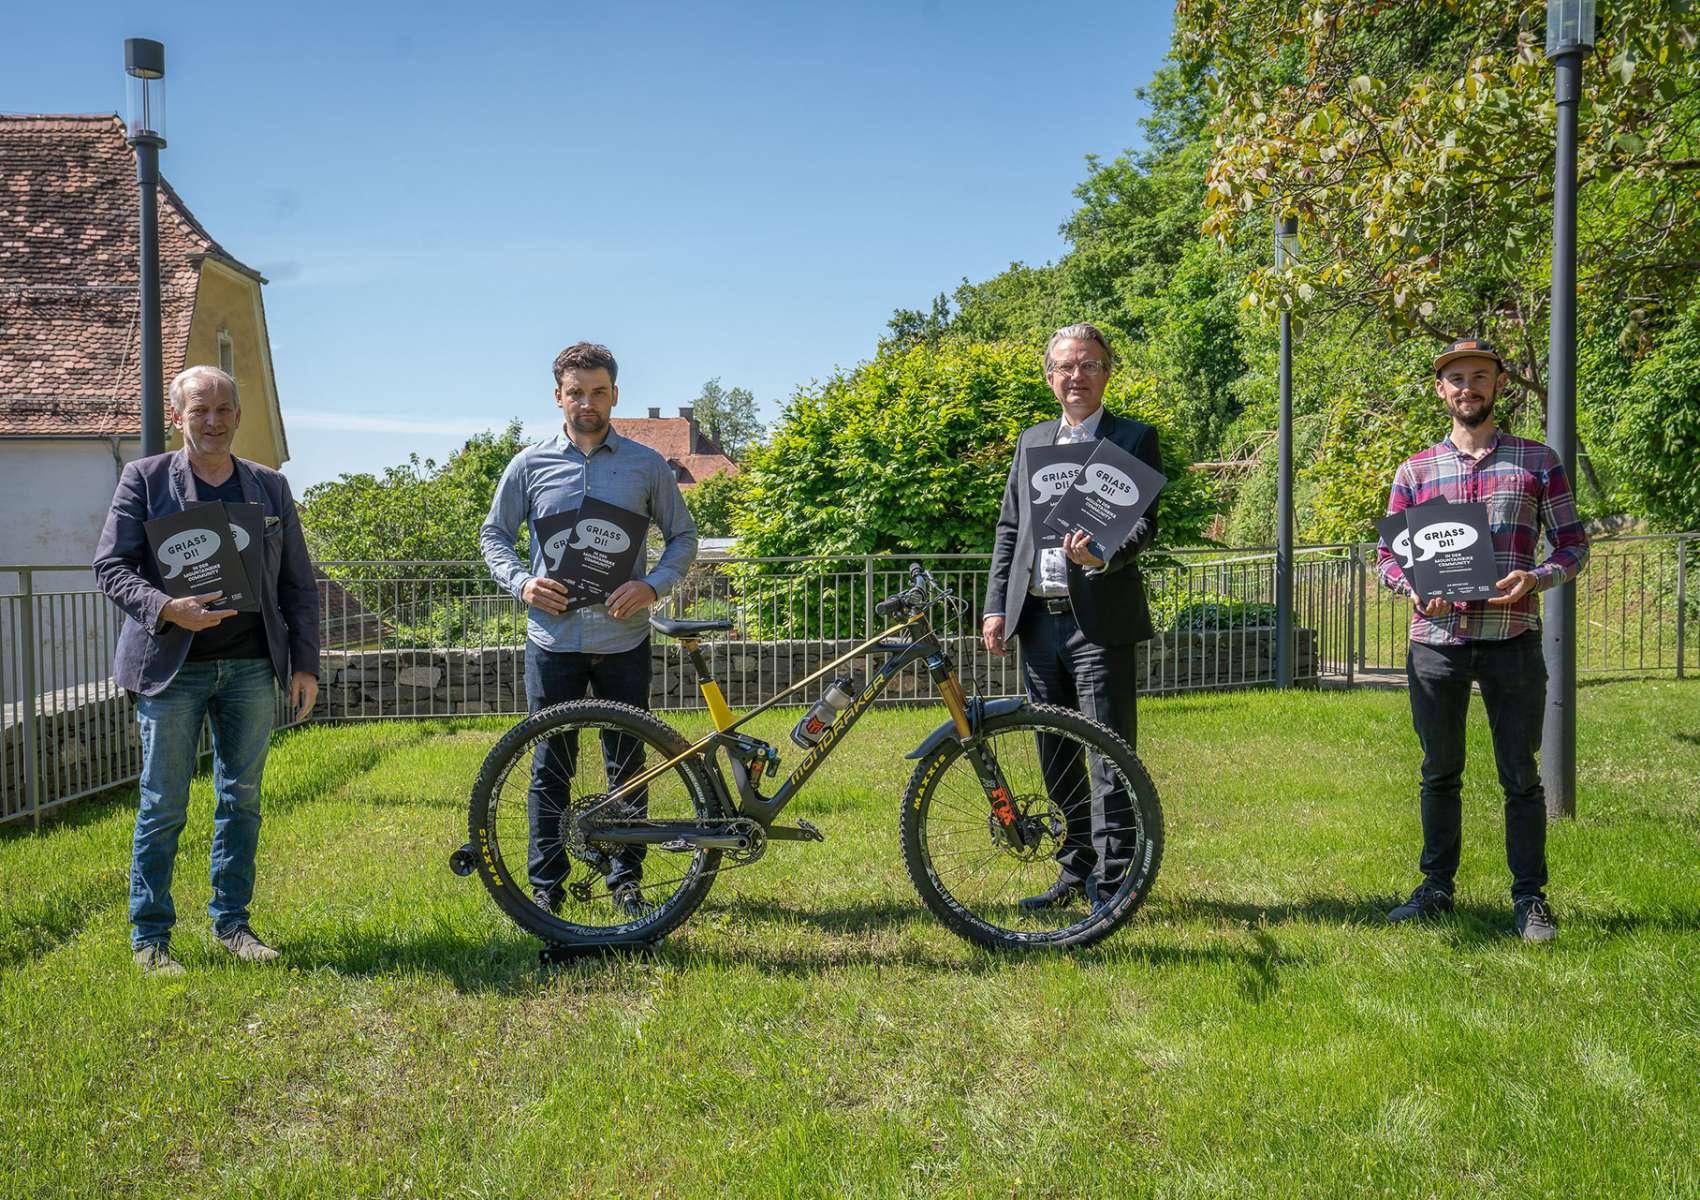 Steirische Mountainbike-Mappe in Graz präsentiert